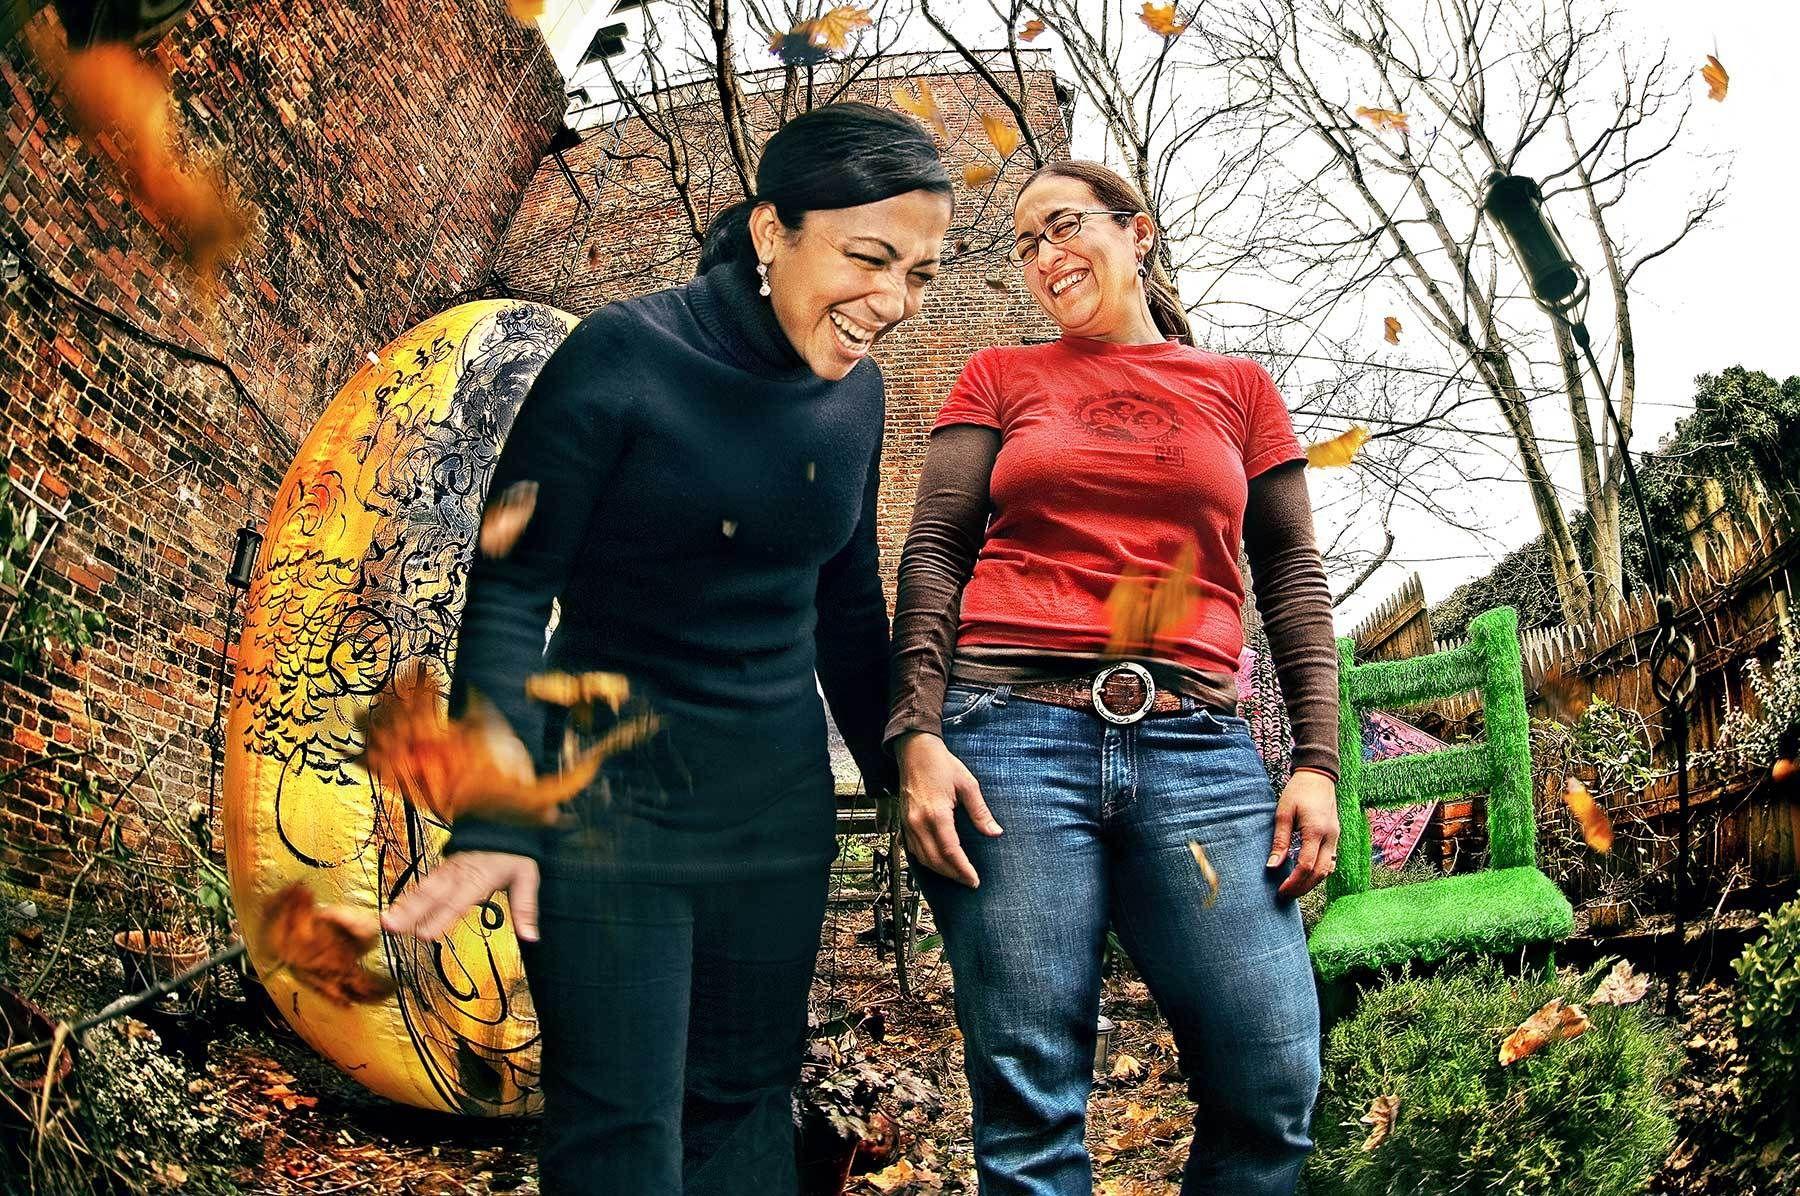 SCHEREZADE GARCIA - LIANA EMILIA GARCIA, MUJER DOMINICANA EN N.Y. 2008